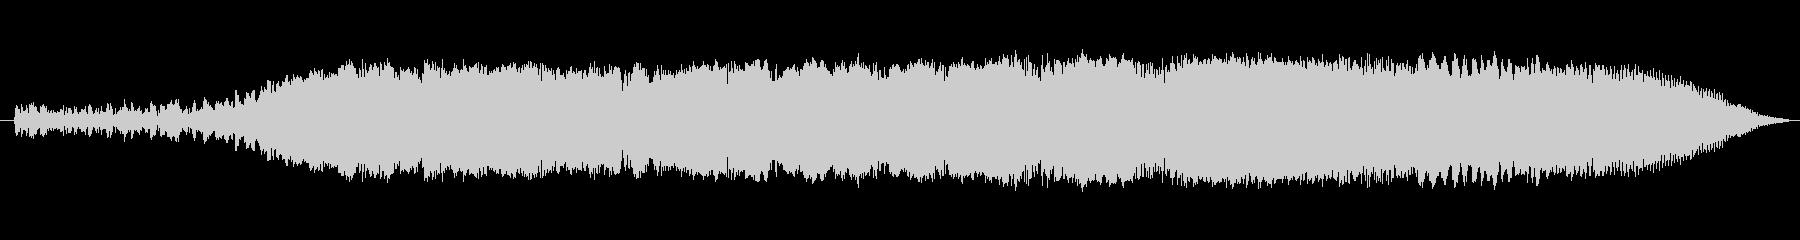 FI スペース ロボットの故障01の未再生の波形